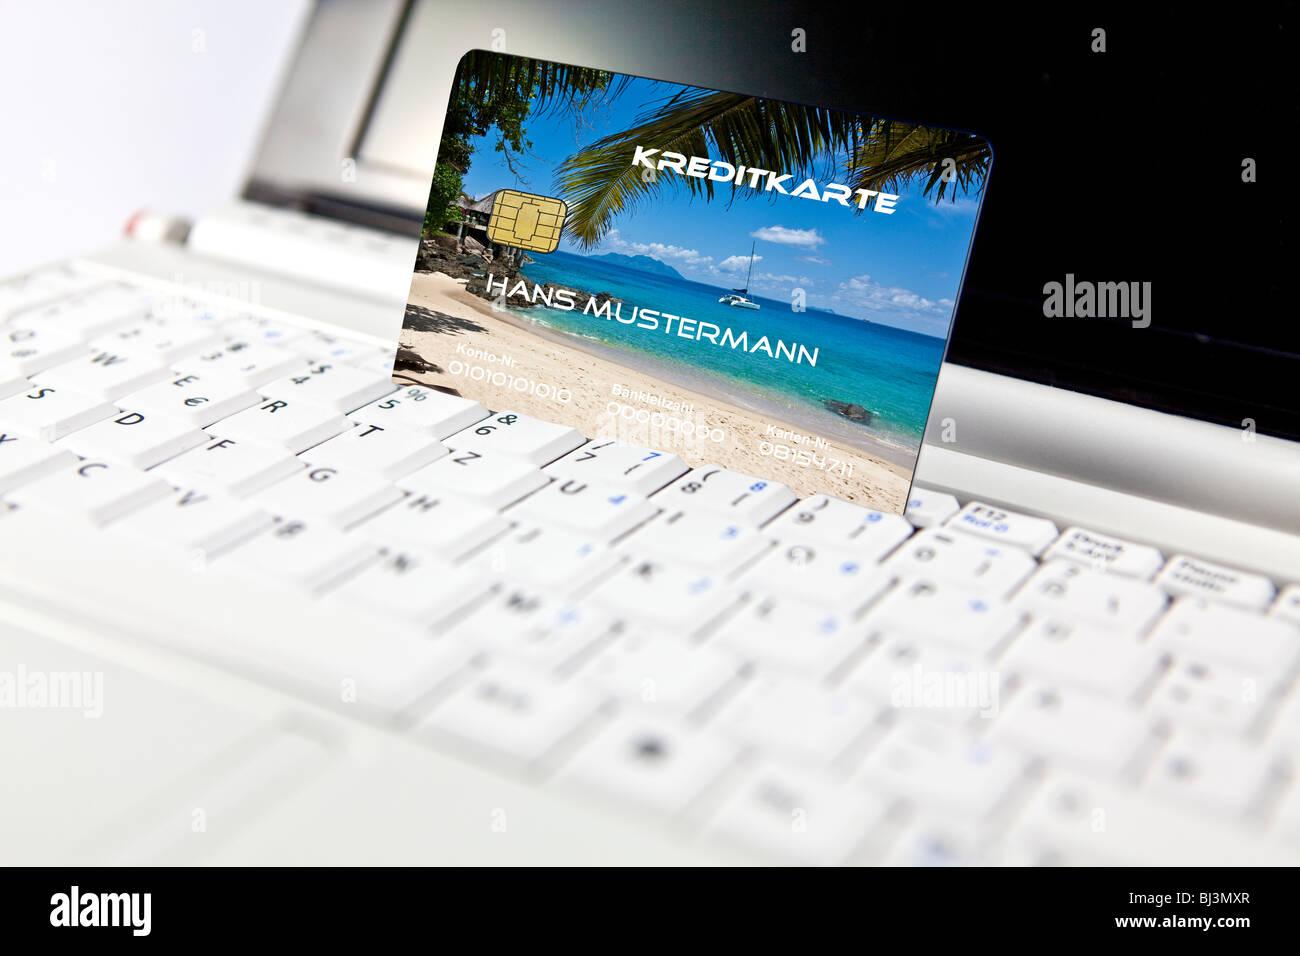 Kreditkarte auf einem PC, Notebook, symbolisches Bild für Online-Buchung Urlaub Stockbild